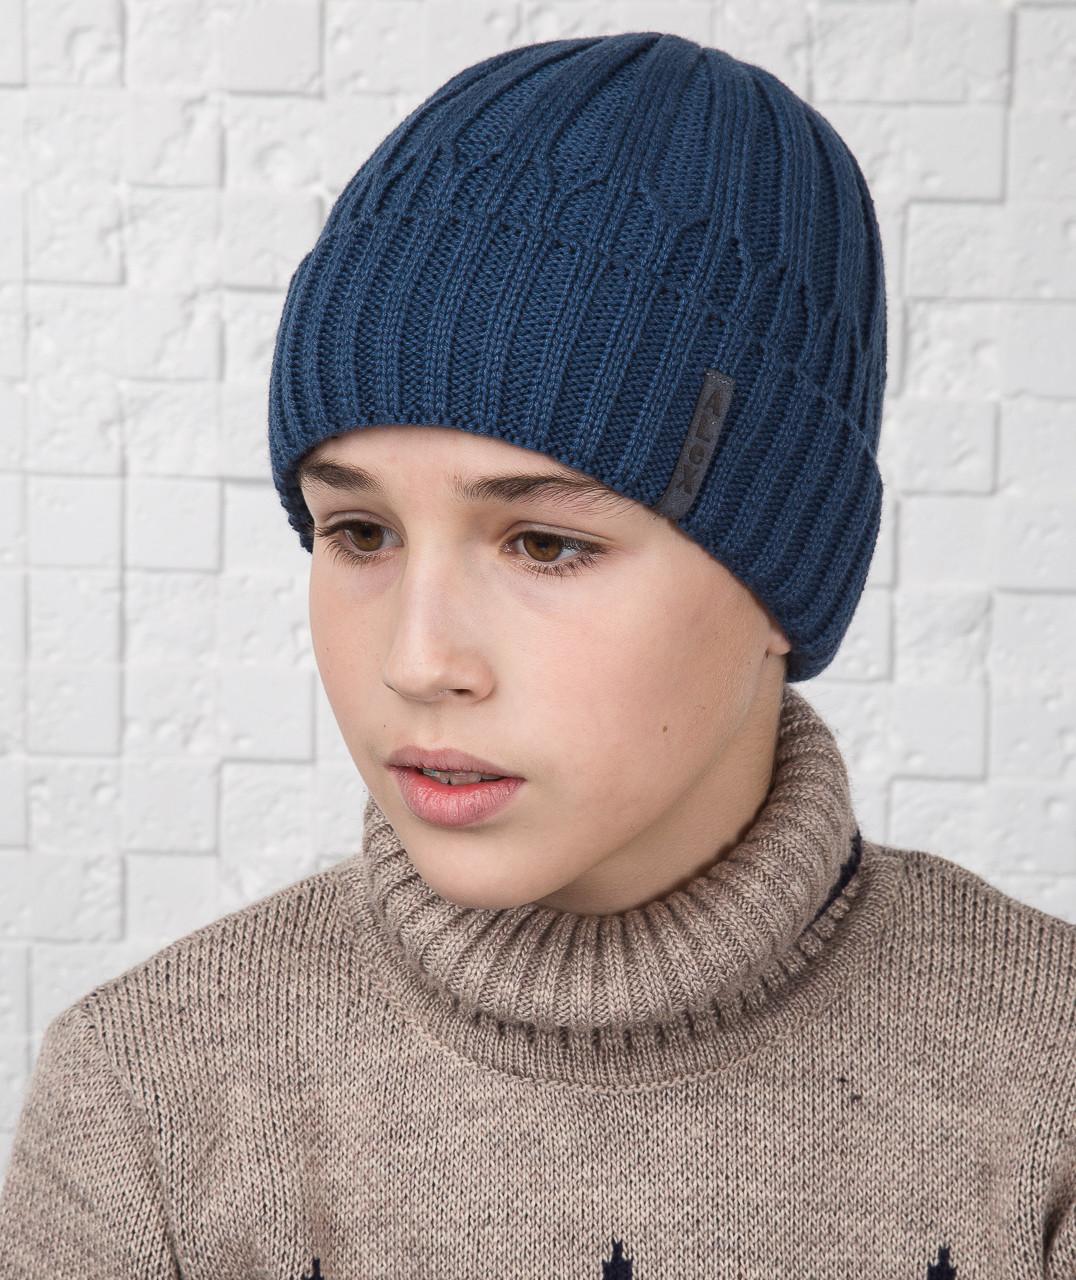 Вязаная шапка для мальчика подростка на флисе с отворотом - Артикул AL17029